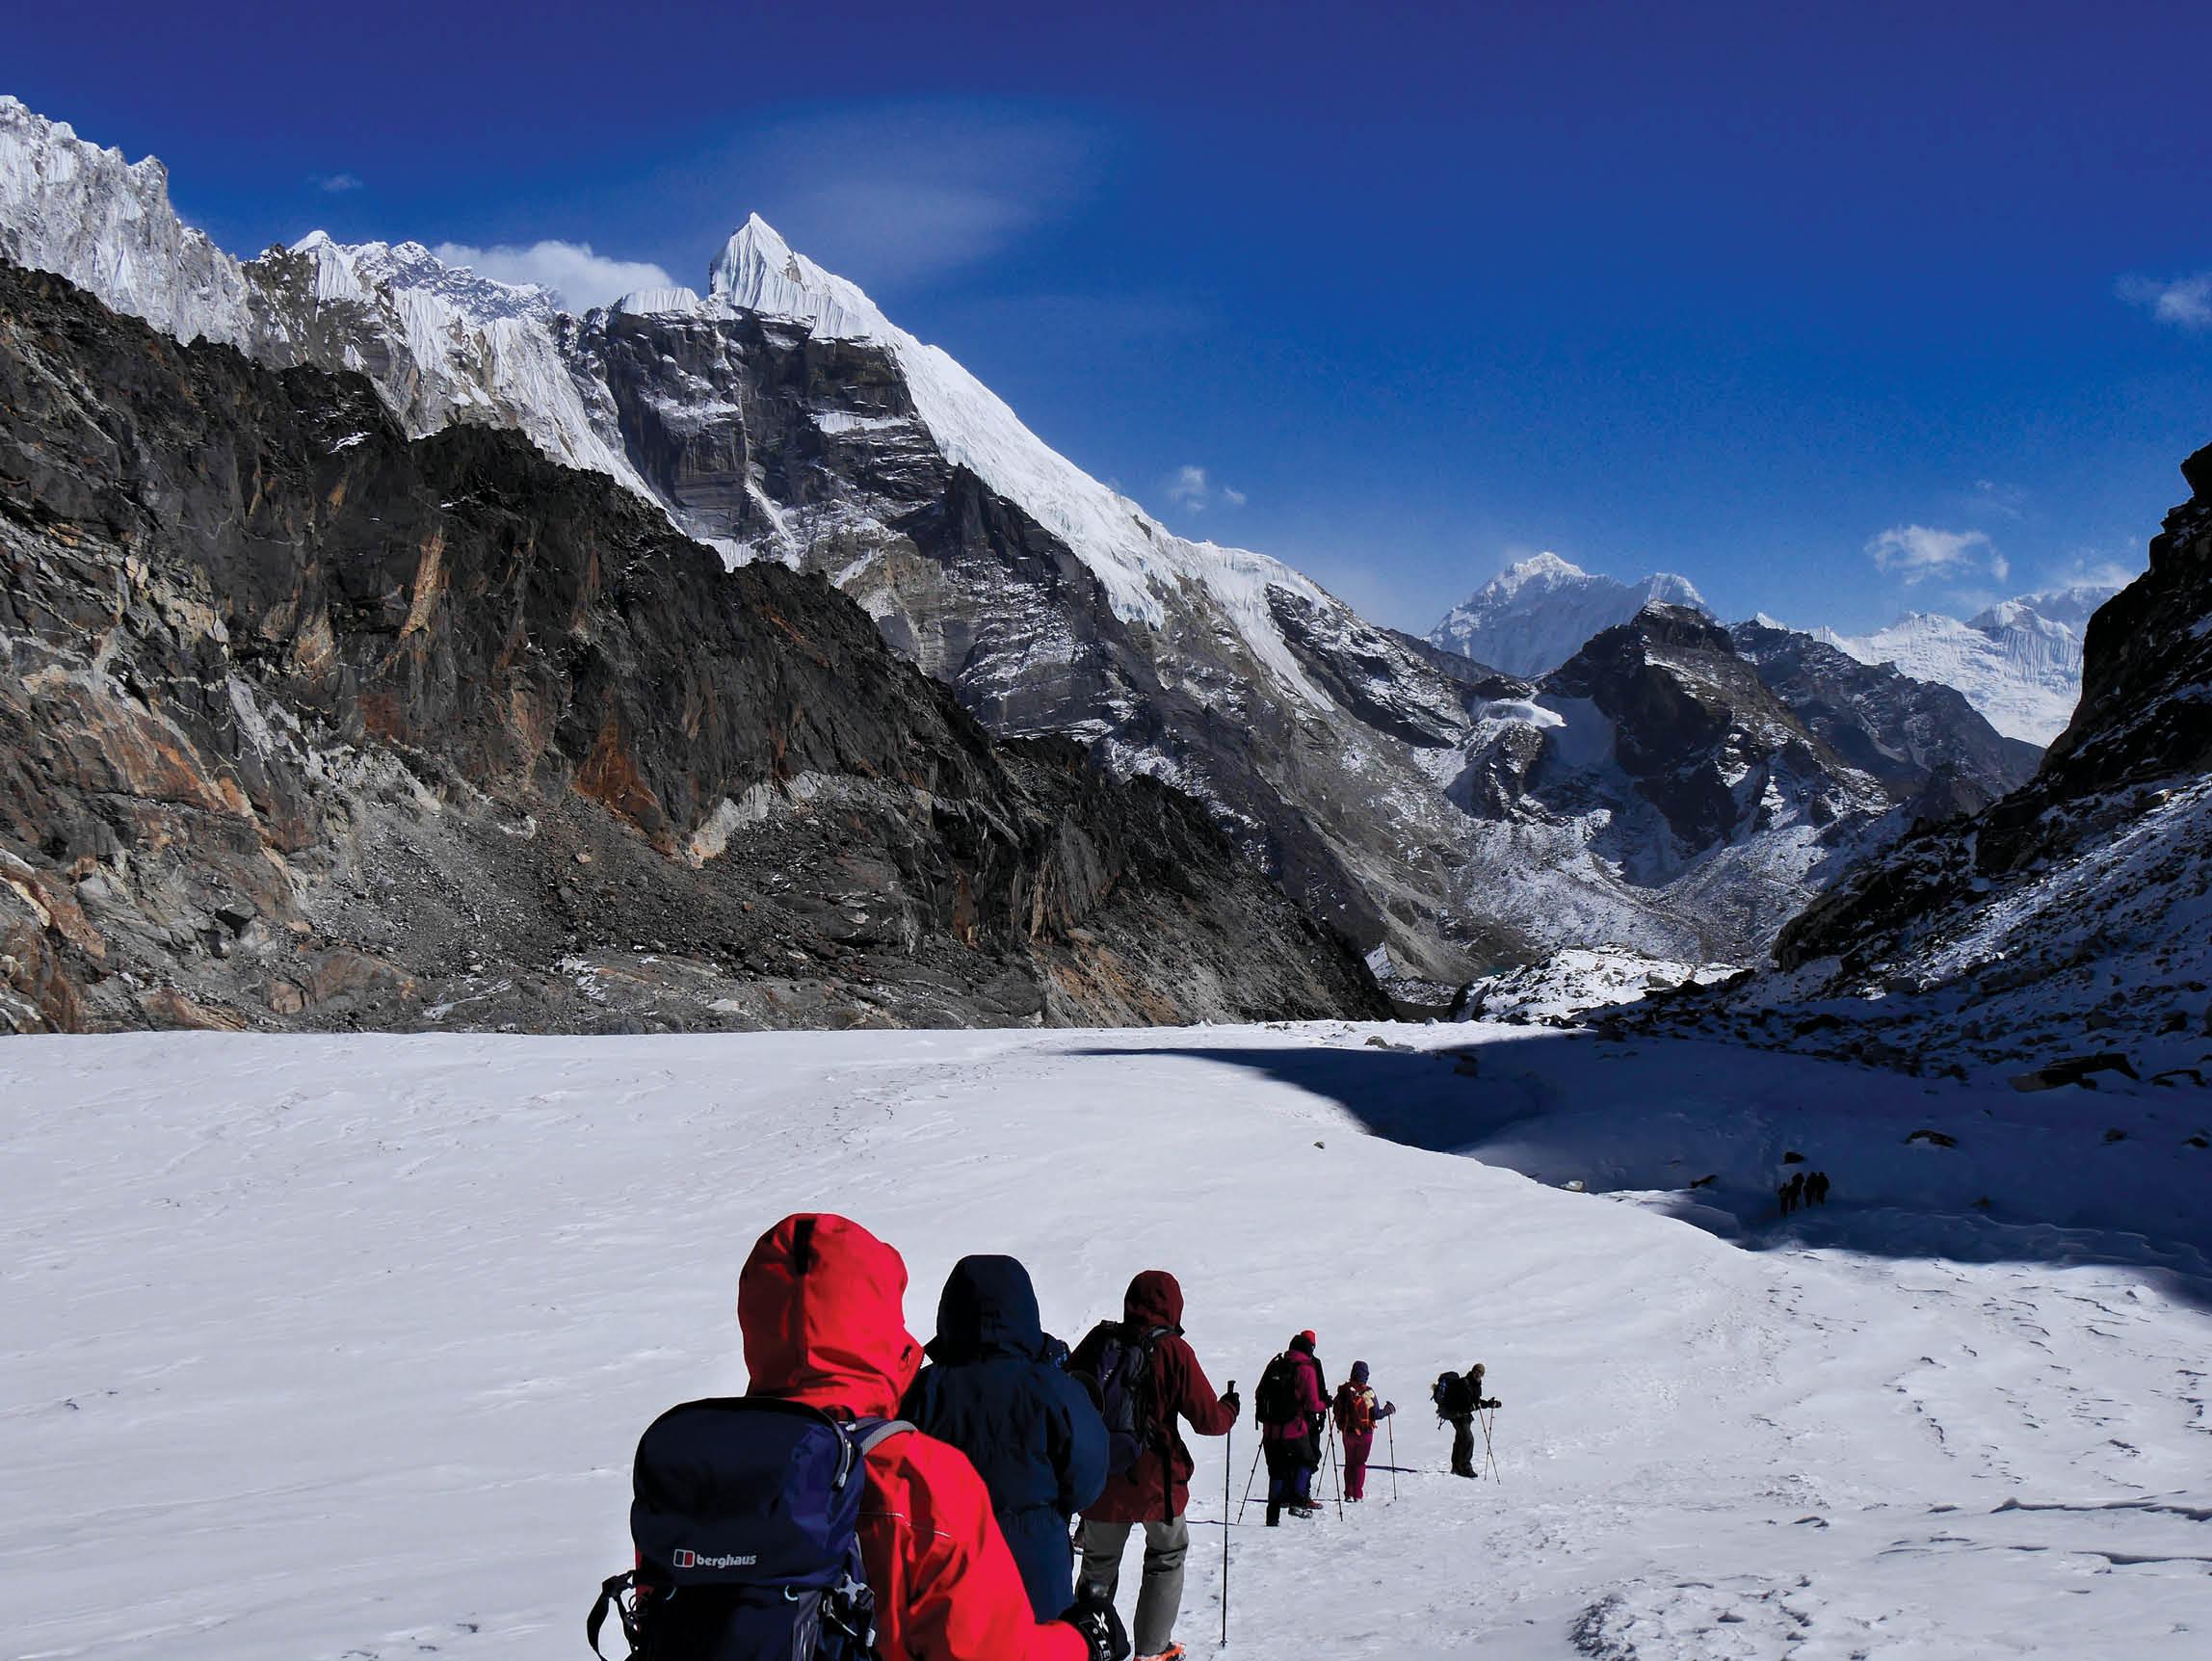 People trekking in Nepal across an ice field.